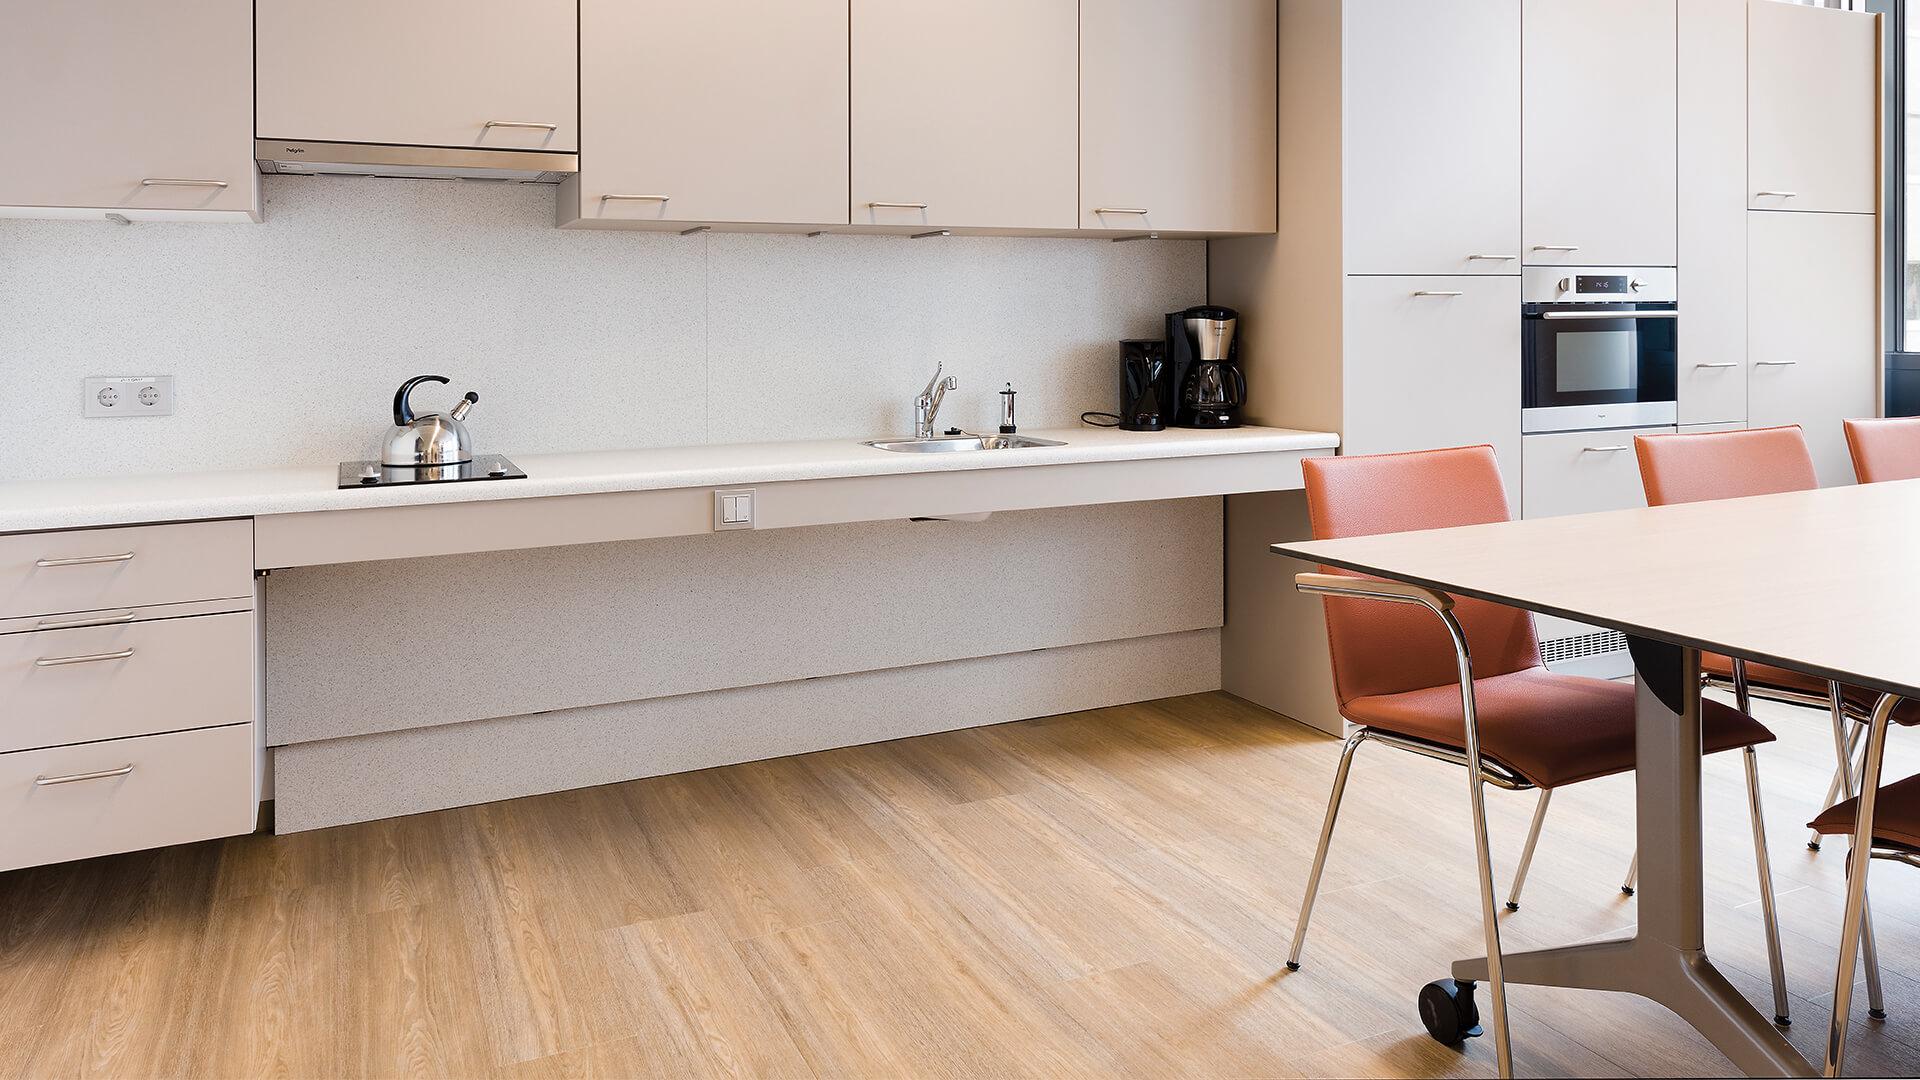 Bribus - Verstelbare keuken voor Antoni van Leeuwenhoek